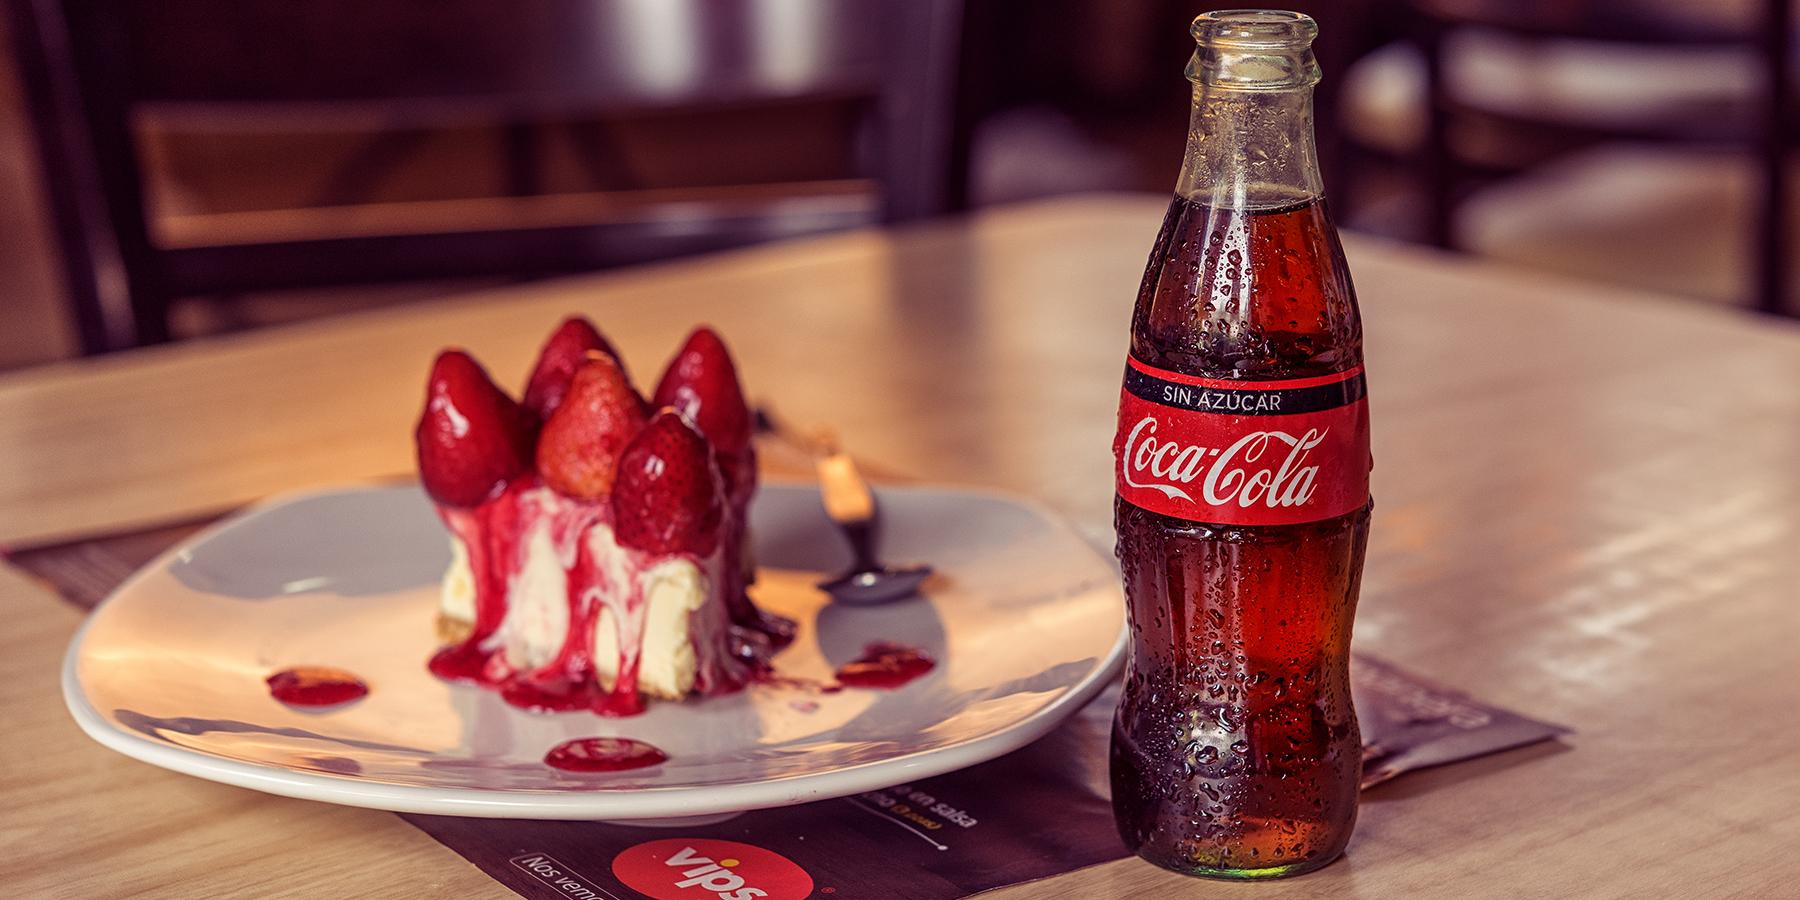 VIPS: 50% descuento en Cheesecake con fresa presentando cupon en caja y consumiendo coca-cola sin azucar